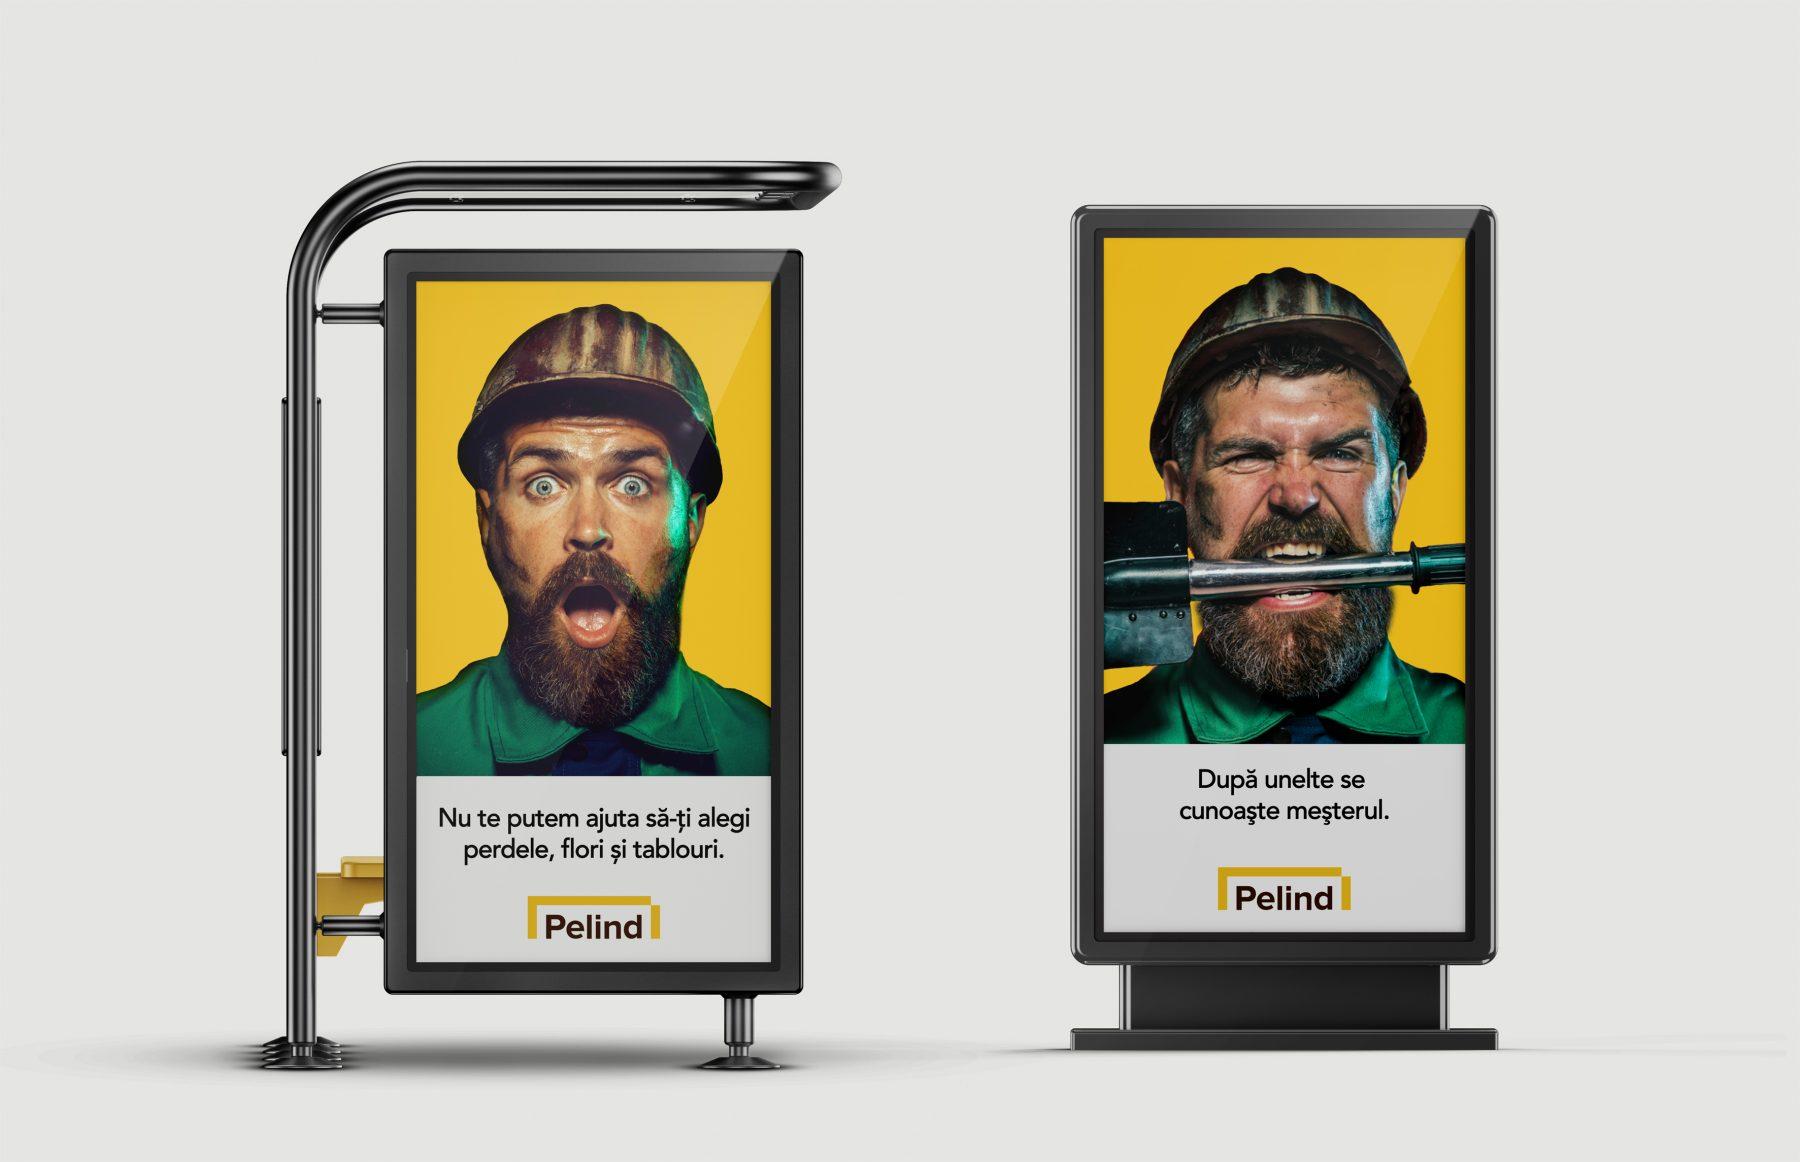 Pelind citylights rebranding outdoor campaign